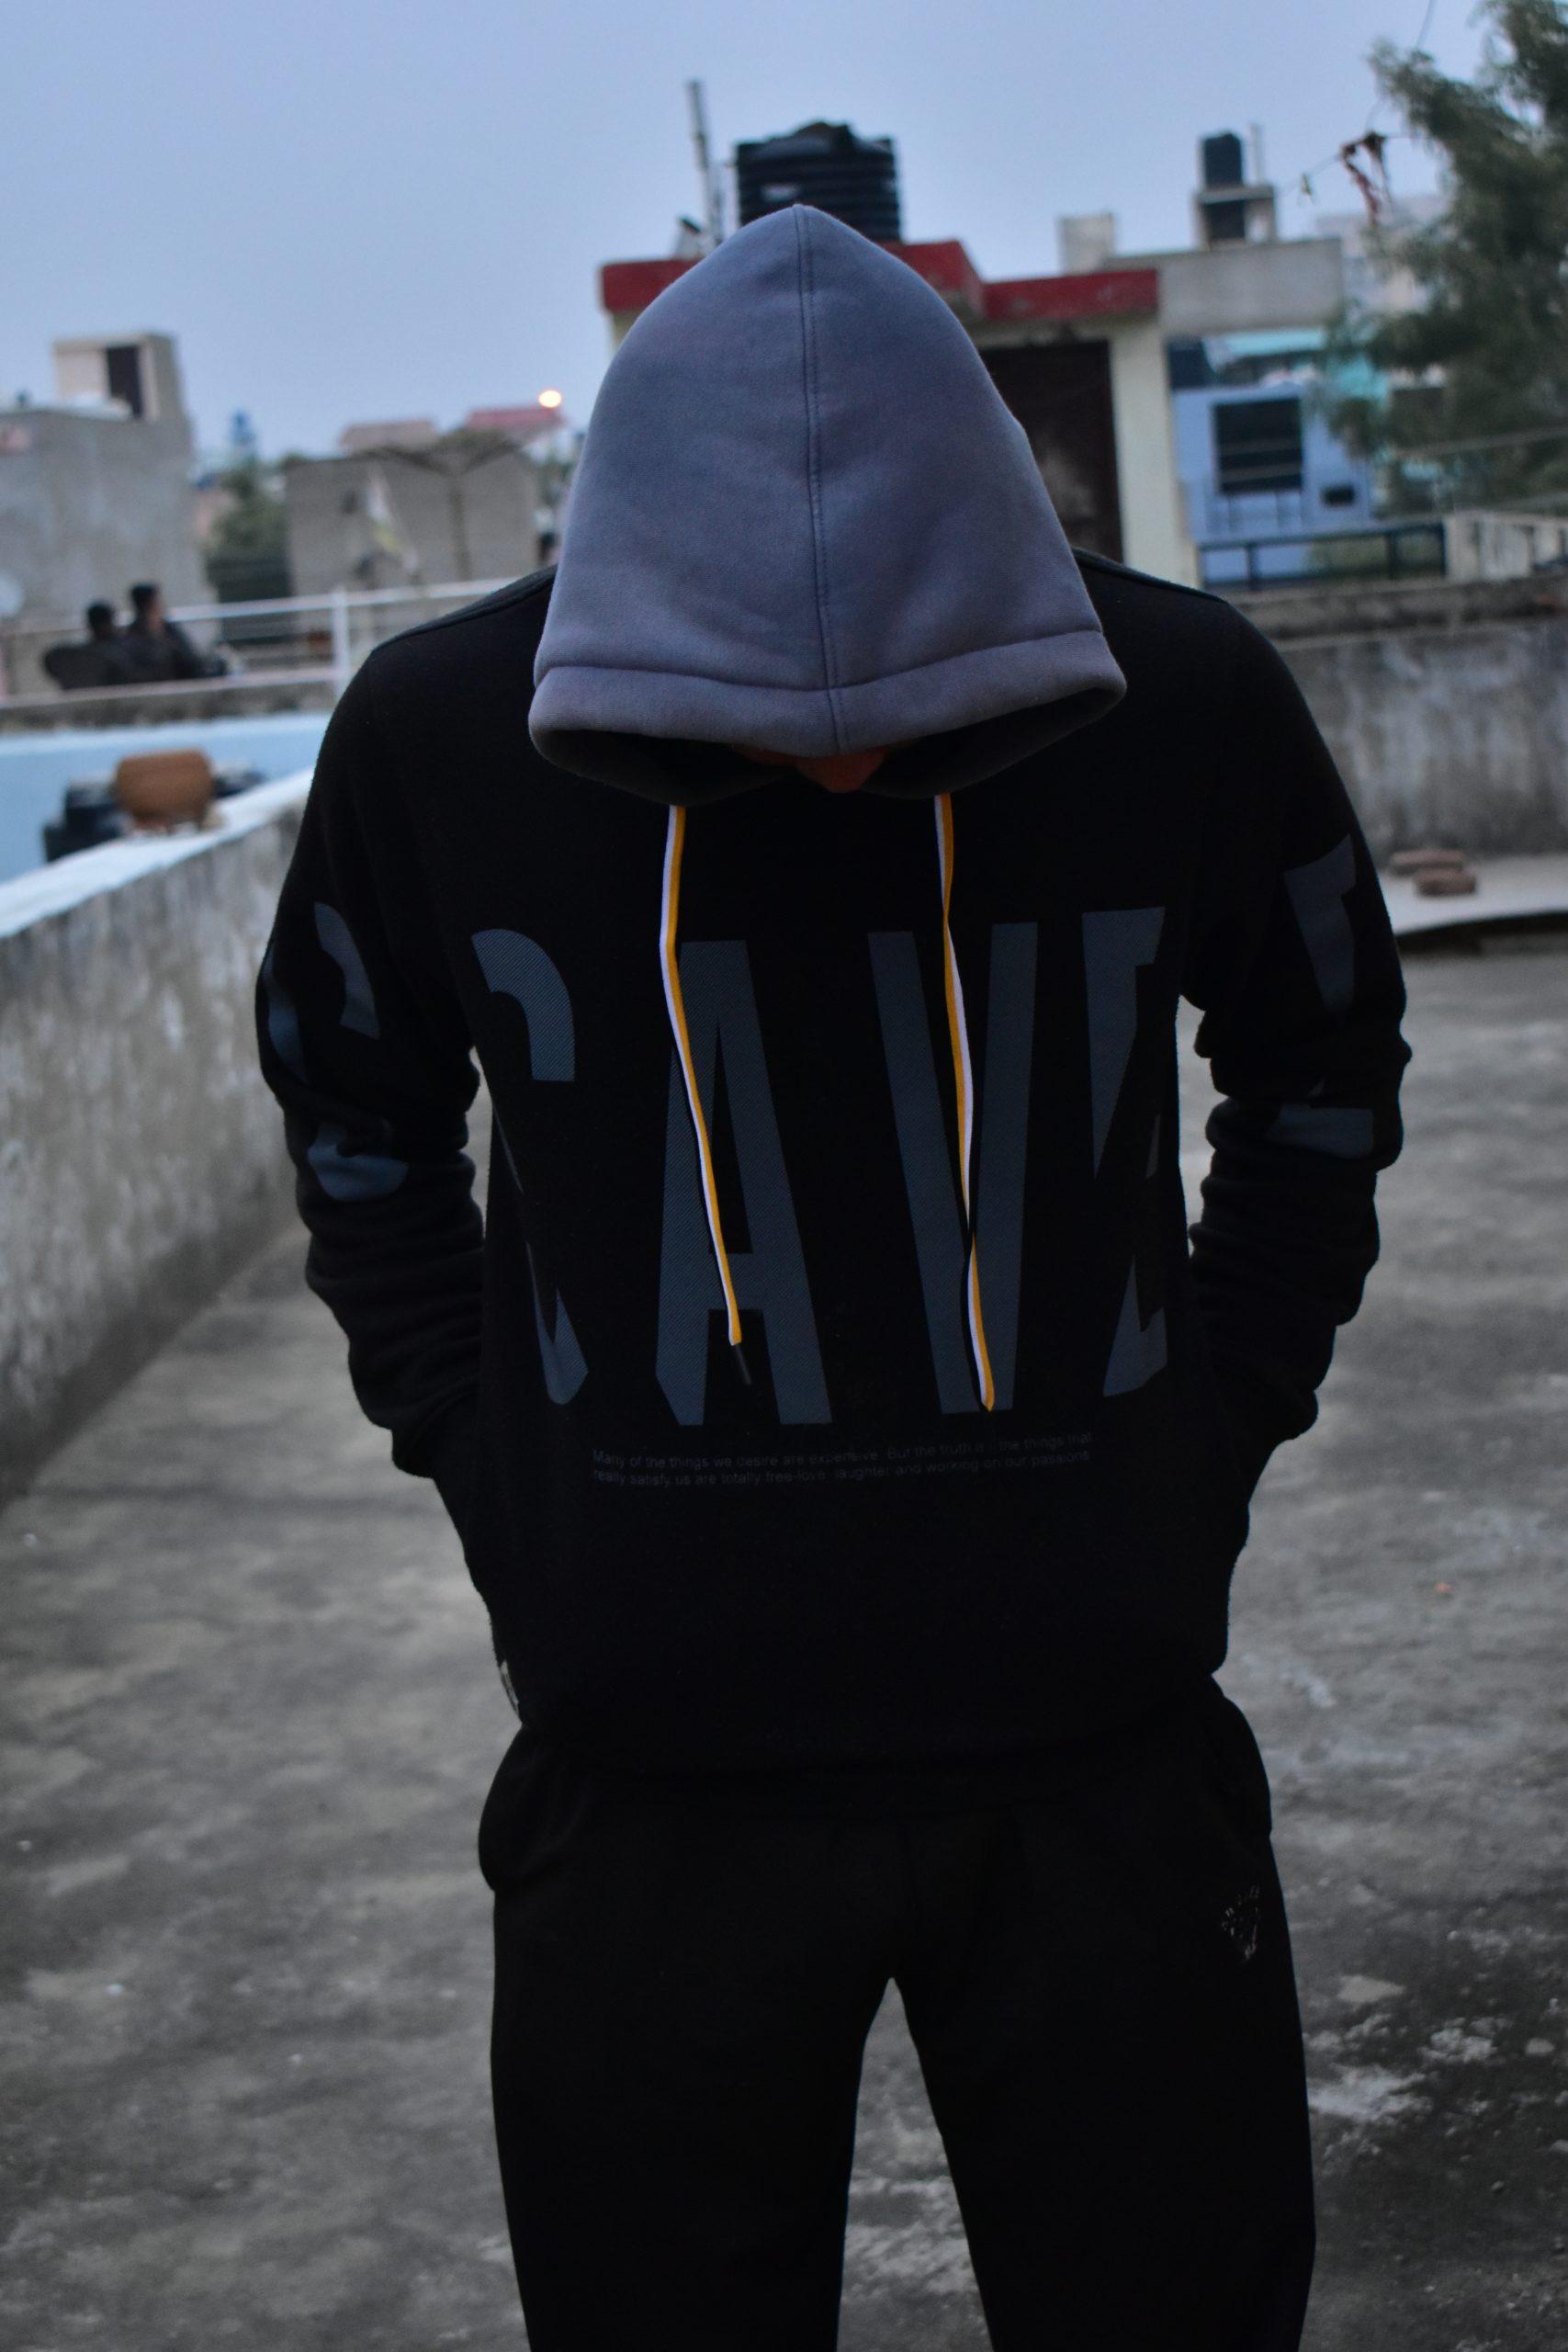 Boy wearing hood